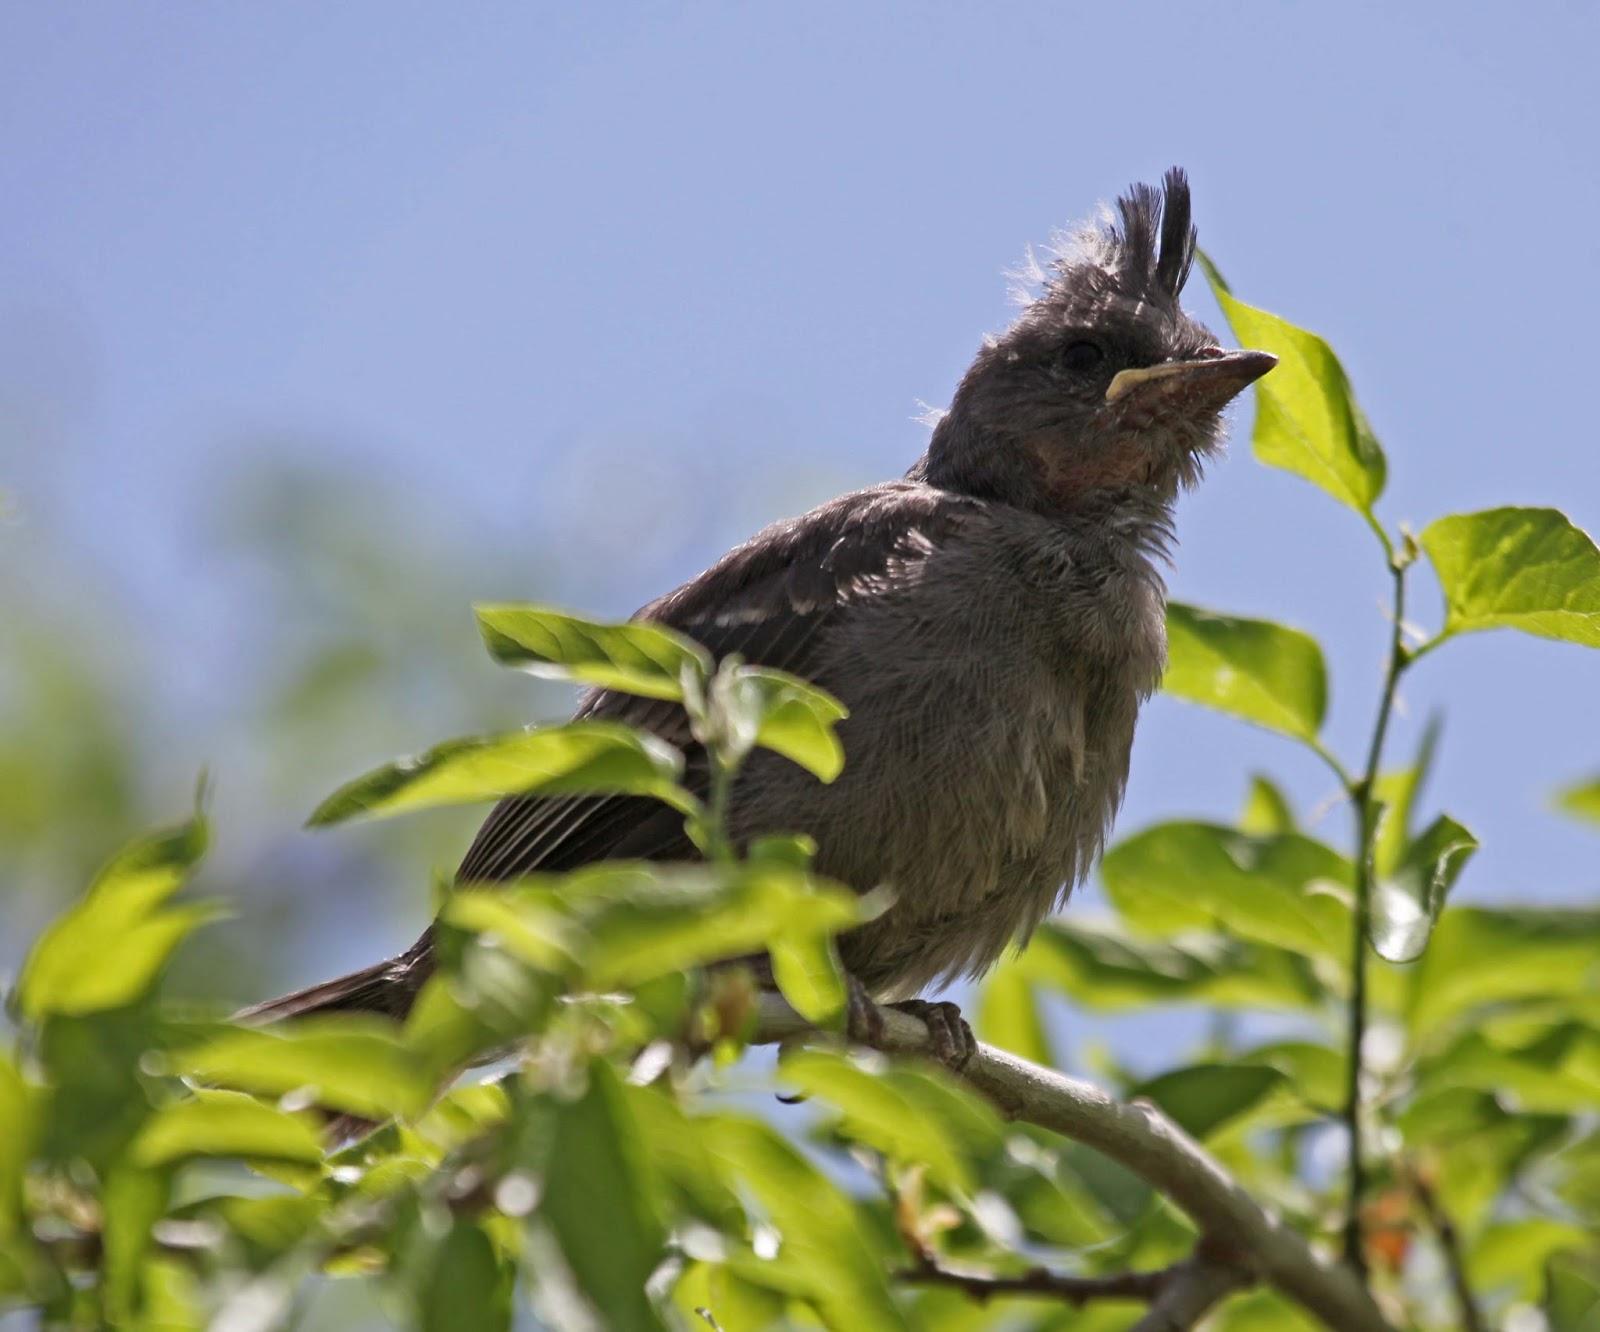 Chim non Pyrrhuloxia